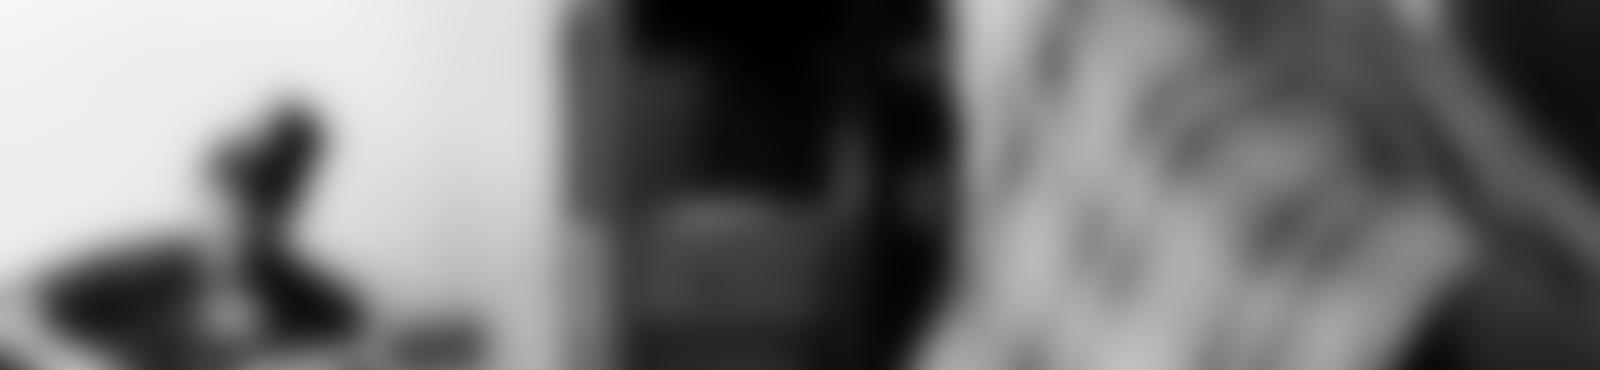 Blurred 108d4e8f 2c79 4f45 9b7a 1396b20b61ab